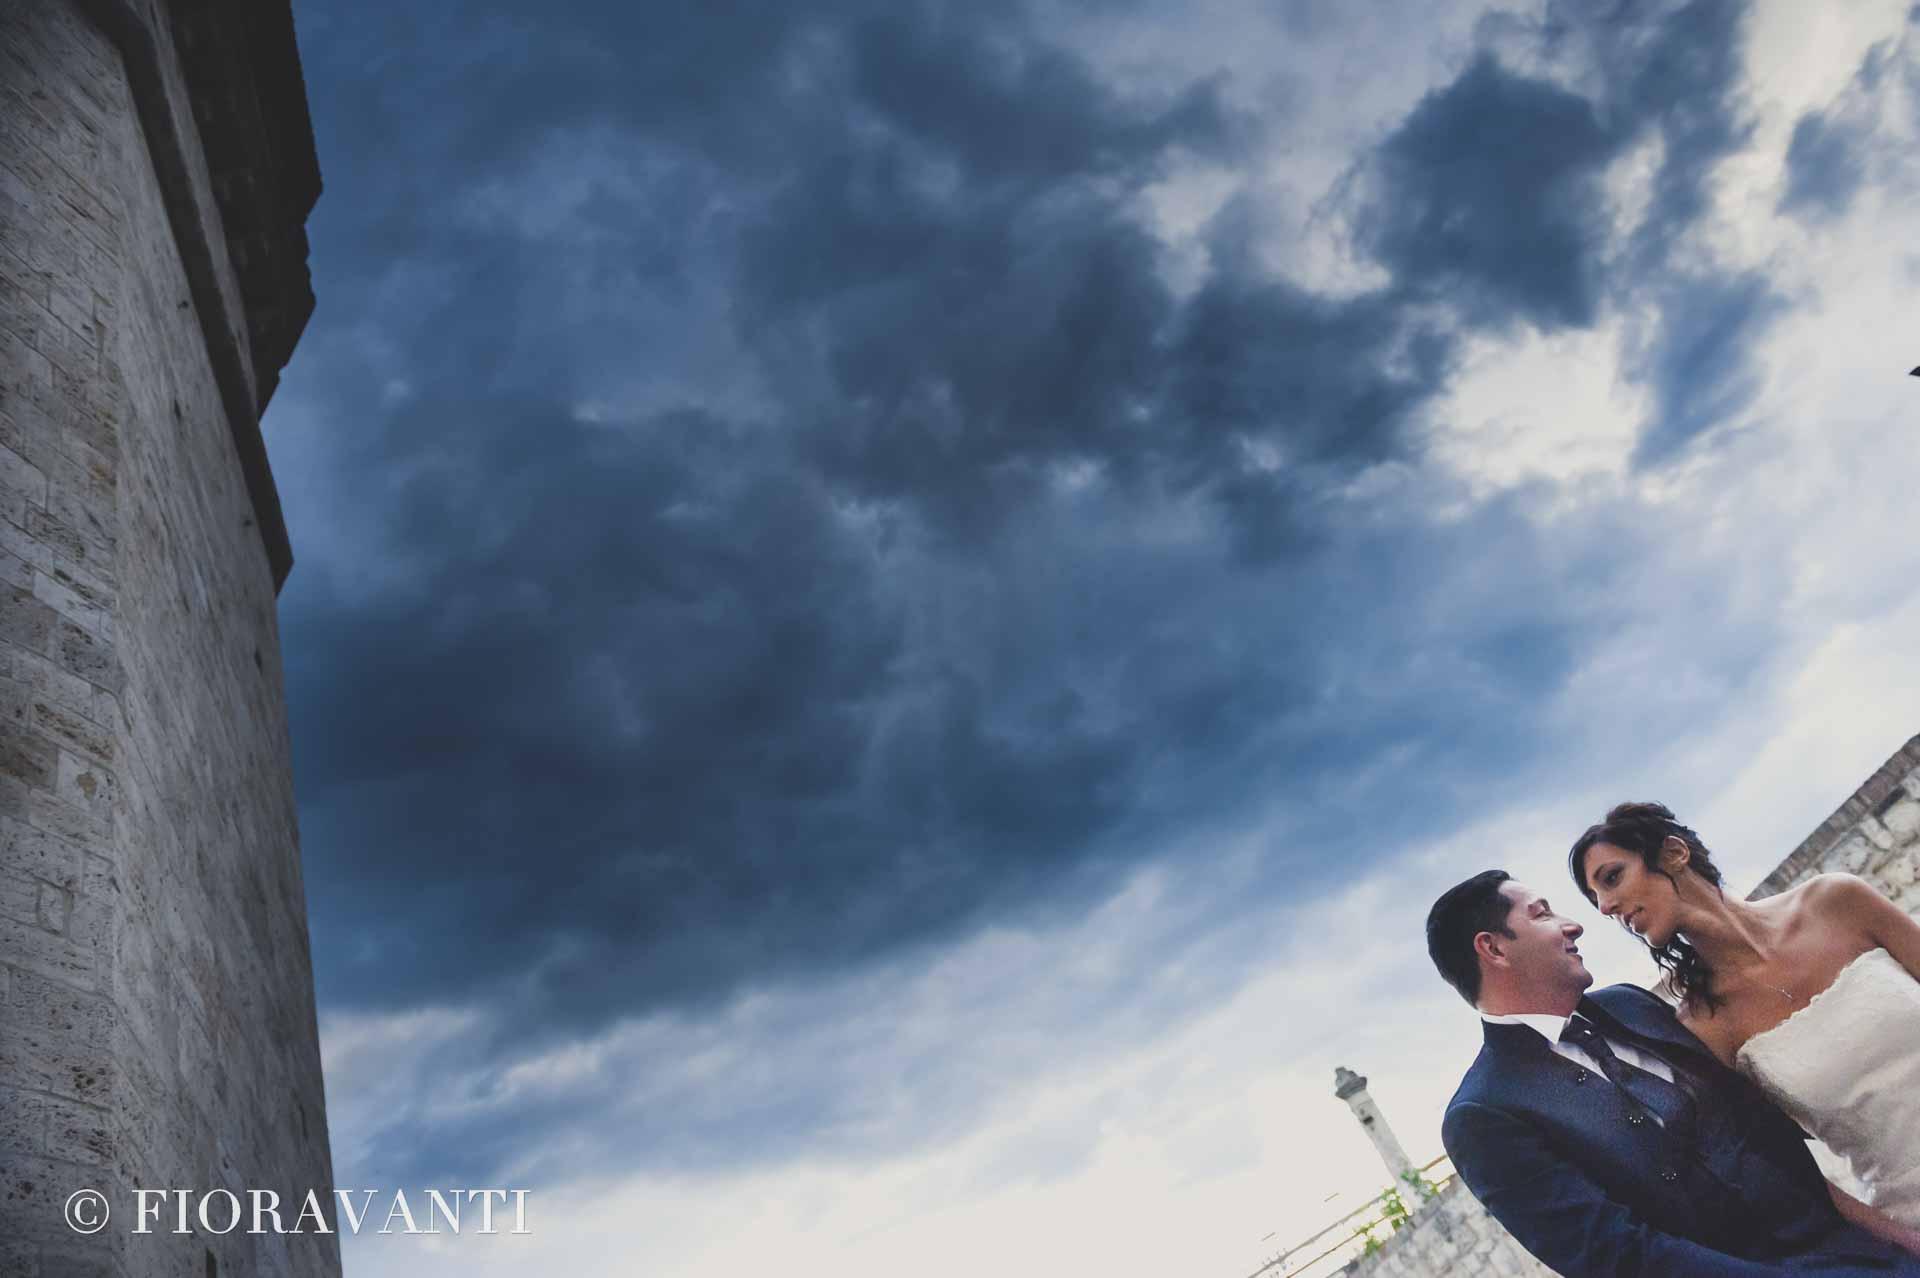 studio fotografico ascoli piceno studio fotografico fioravanti livio fioravanti fotografo matrimonio  ascoli piceno fotografo ascoli 36